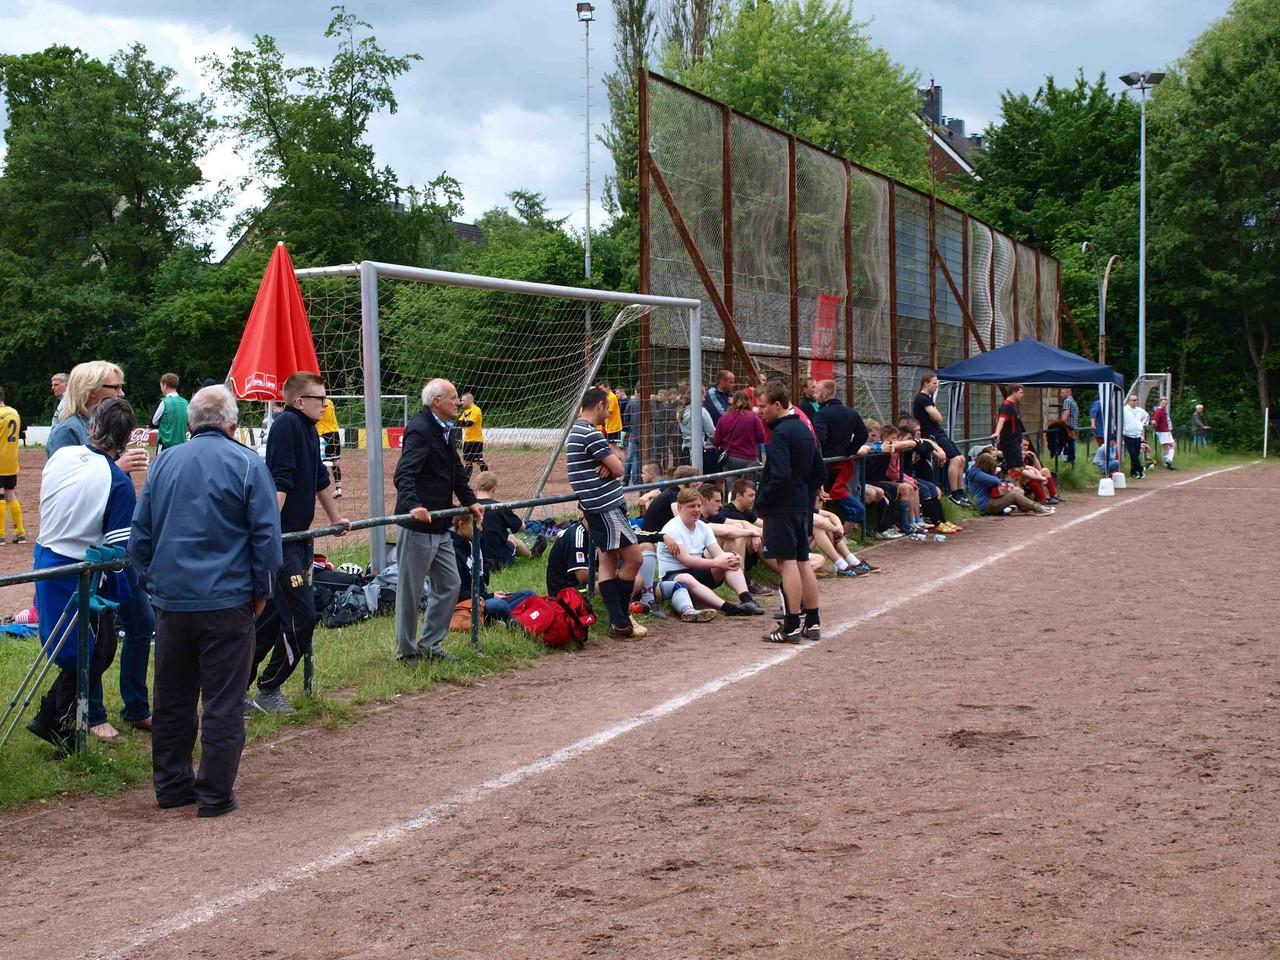 Gäste und Zuschauer am Spielfeldrand